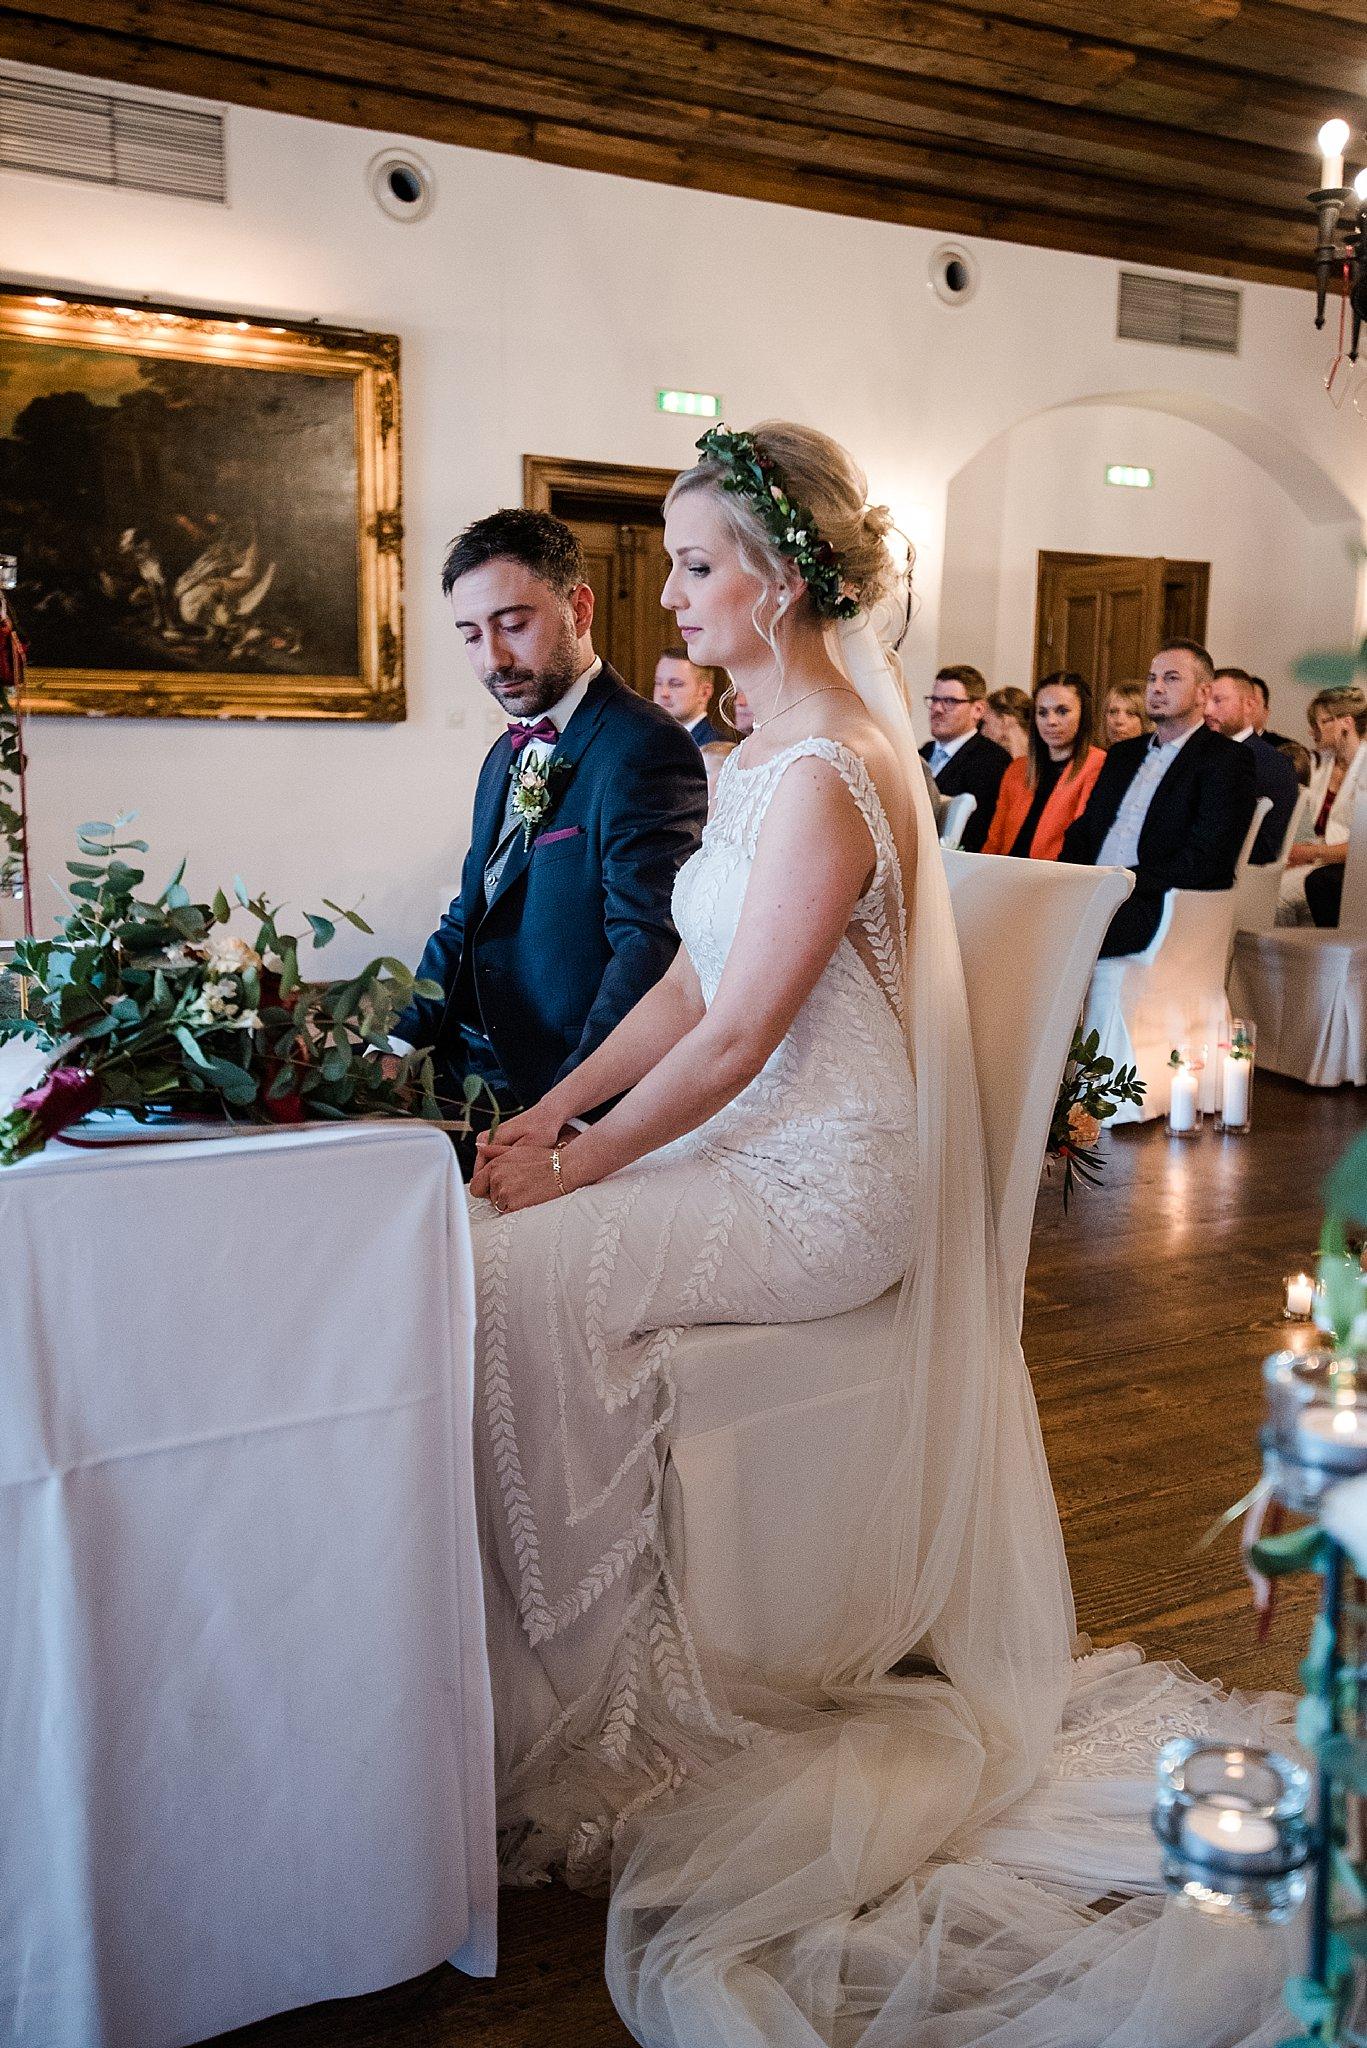 Hochzeit-von-Marina-Dominik-auf-Burg-Wernberg-und-Schloss-Friedrichsburg-00025